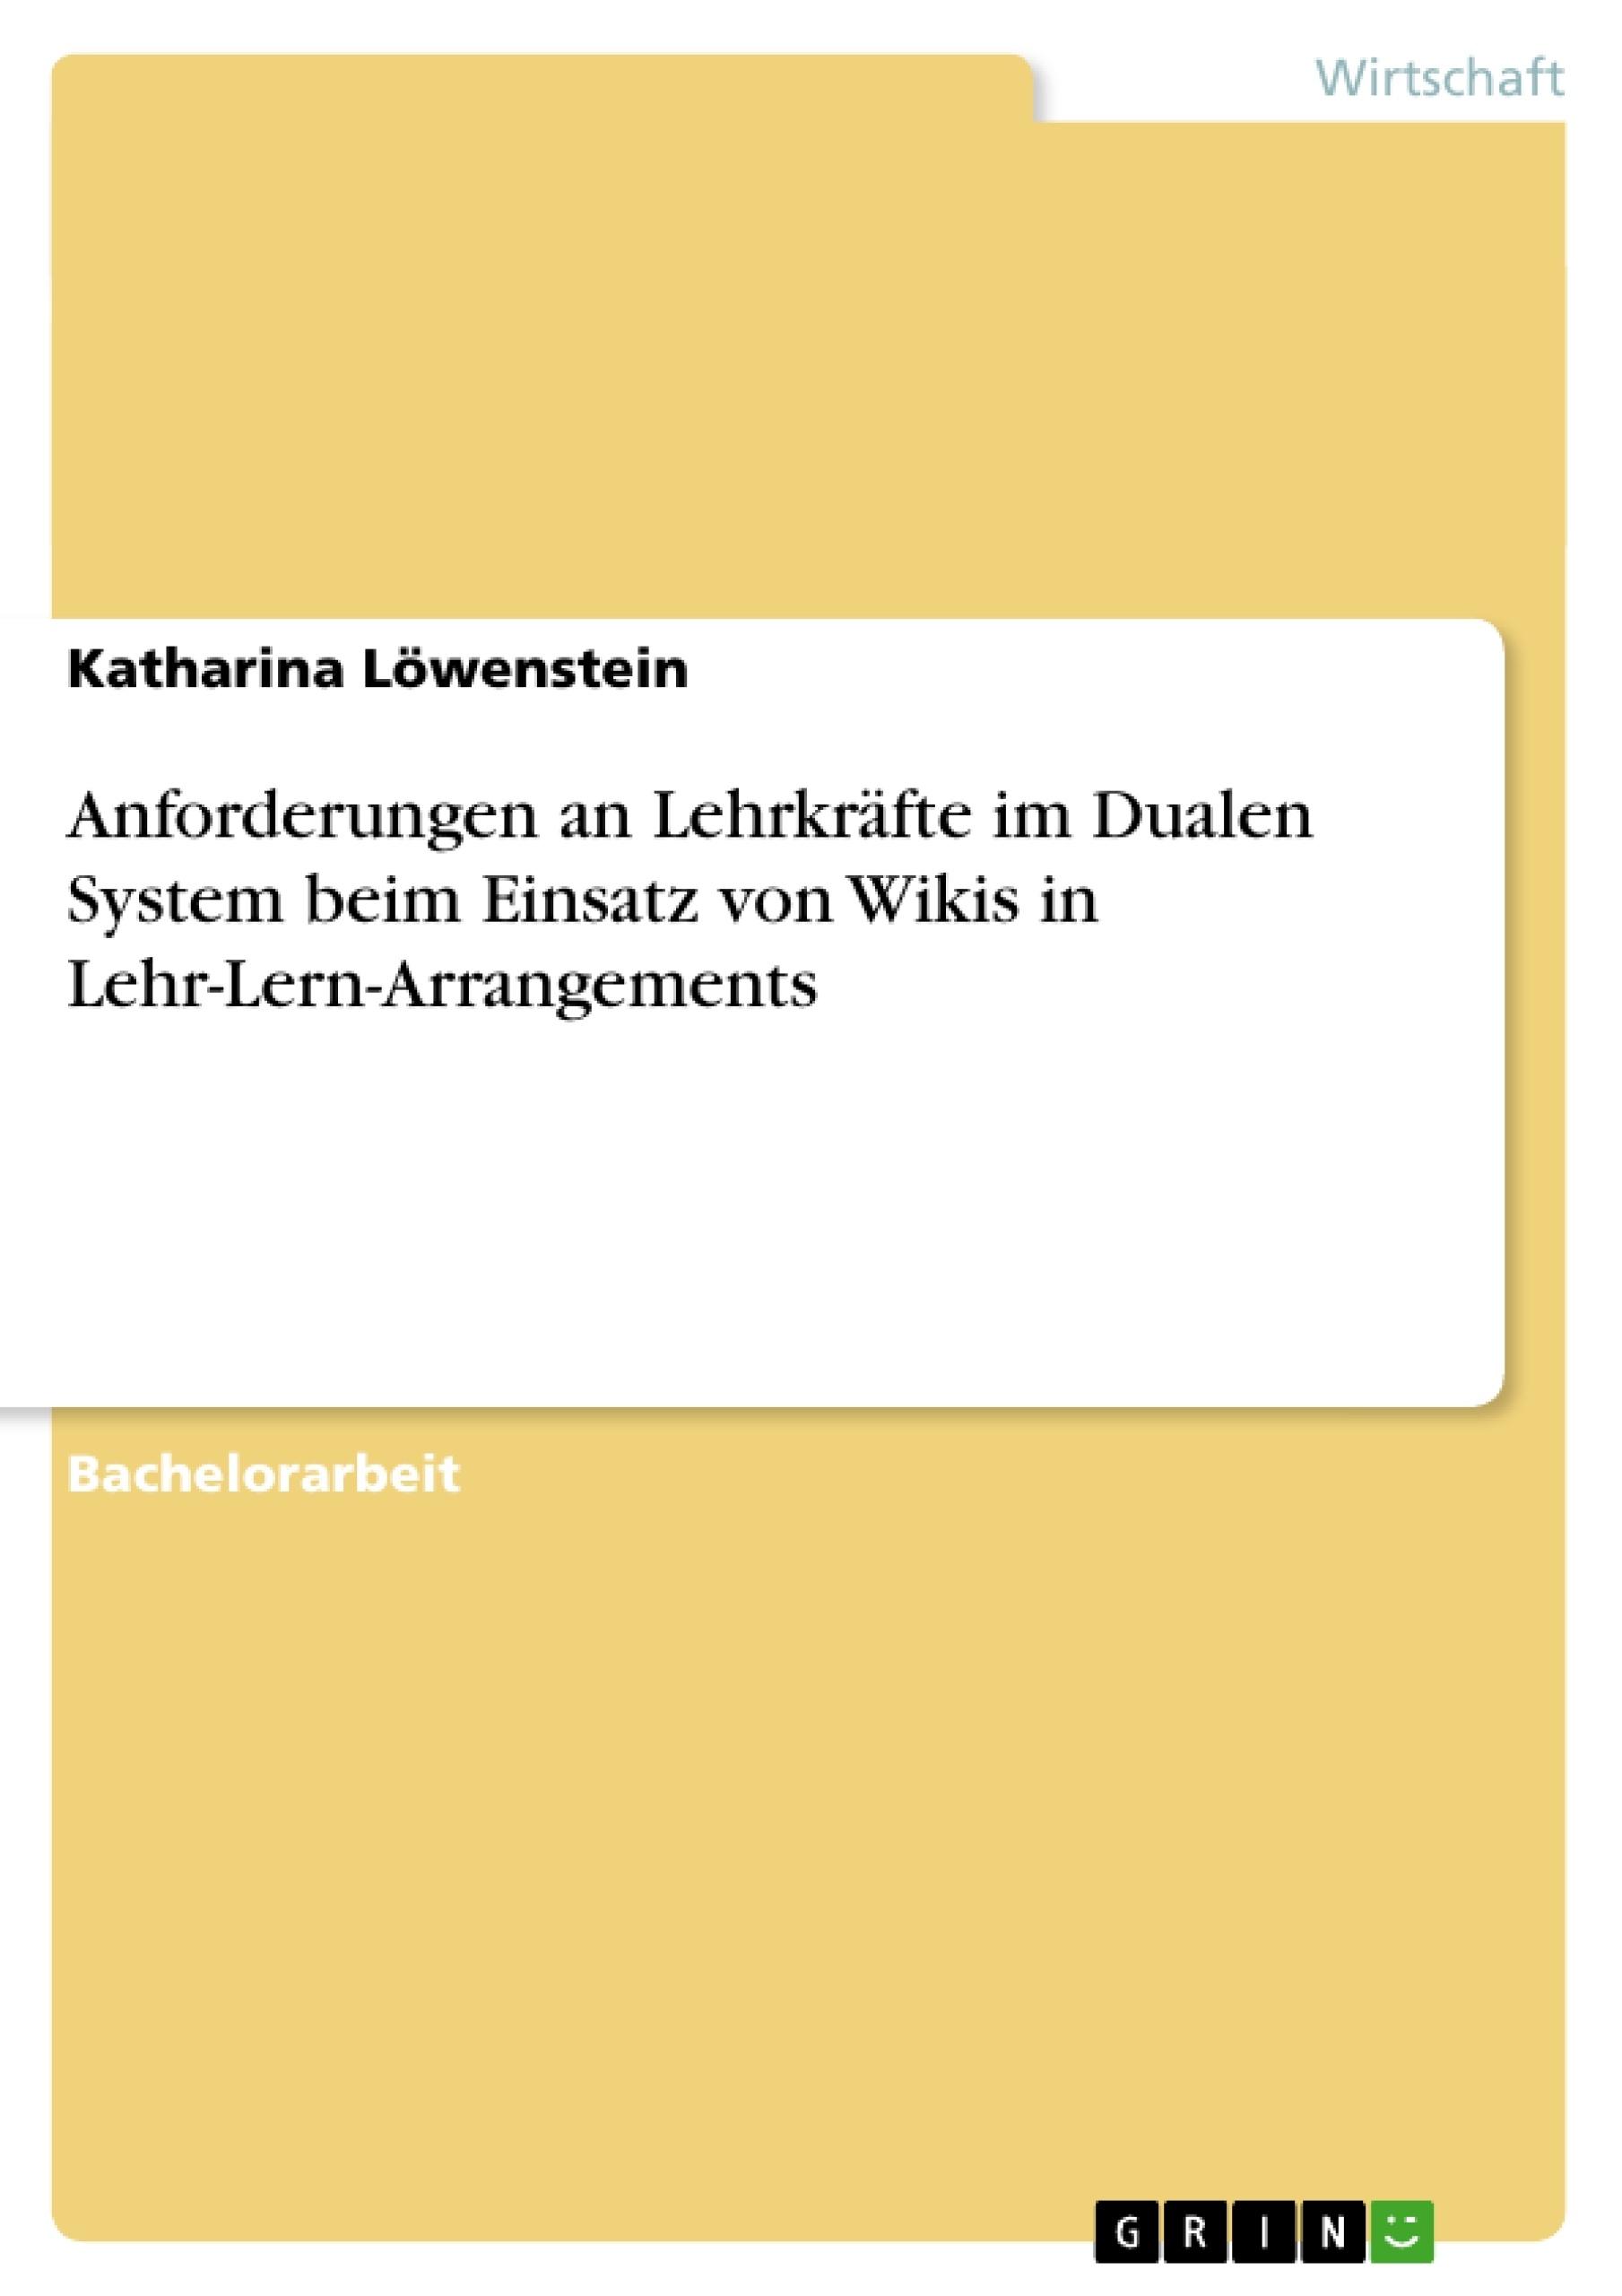 Titel: Anforderungen an Lehrkräfte im Dualen System beim Einsatz von Wikis in Lehr-Lern-Arrangements